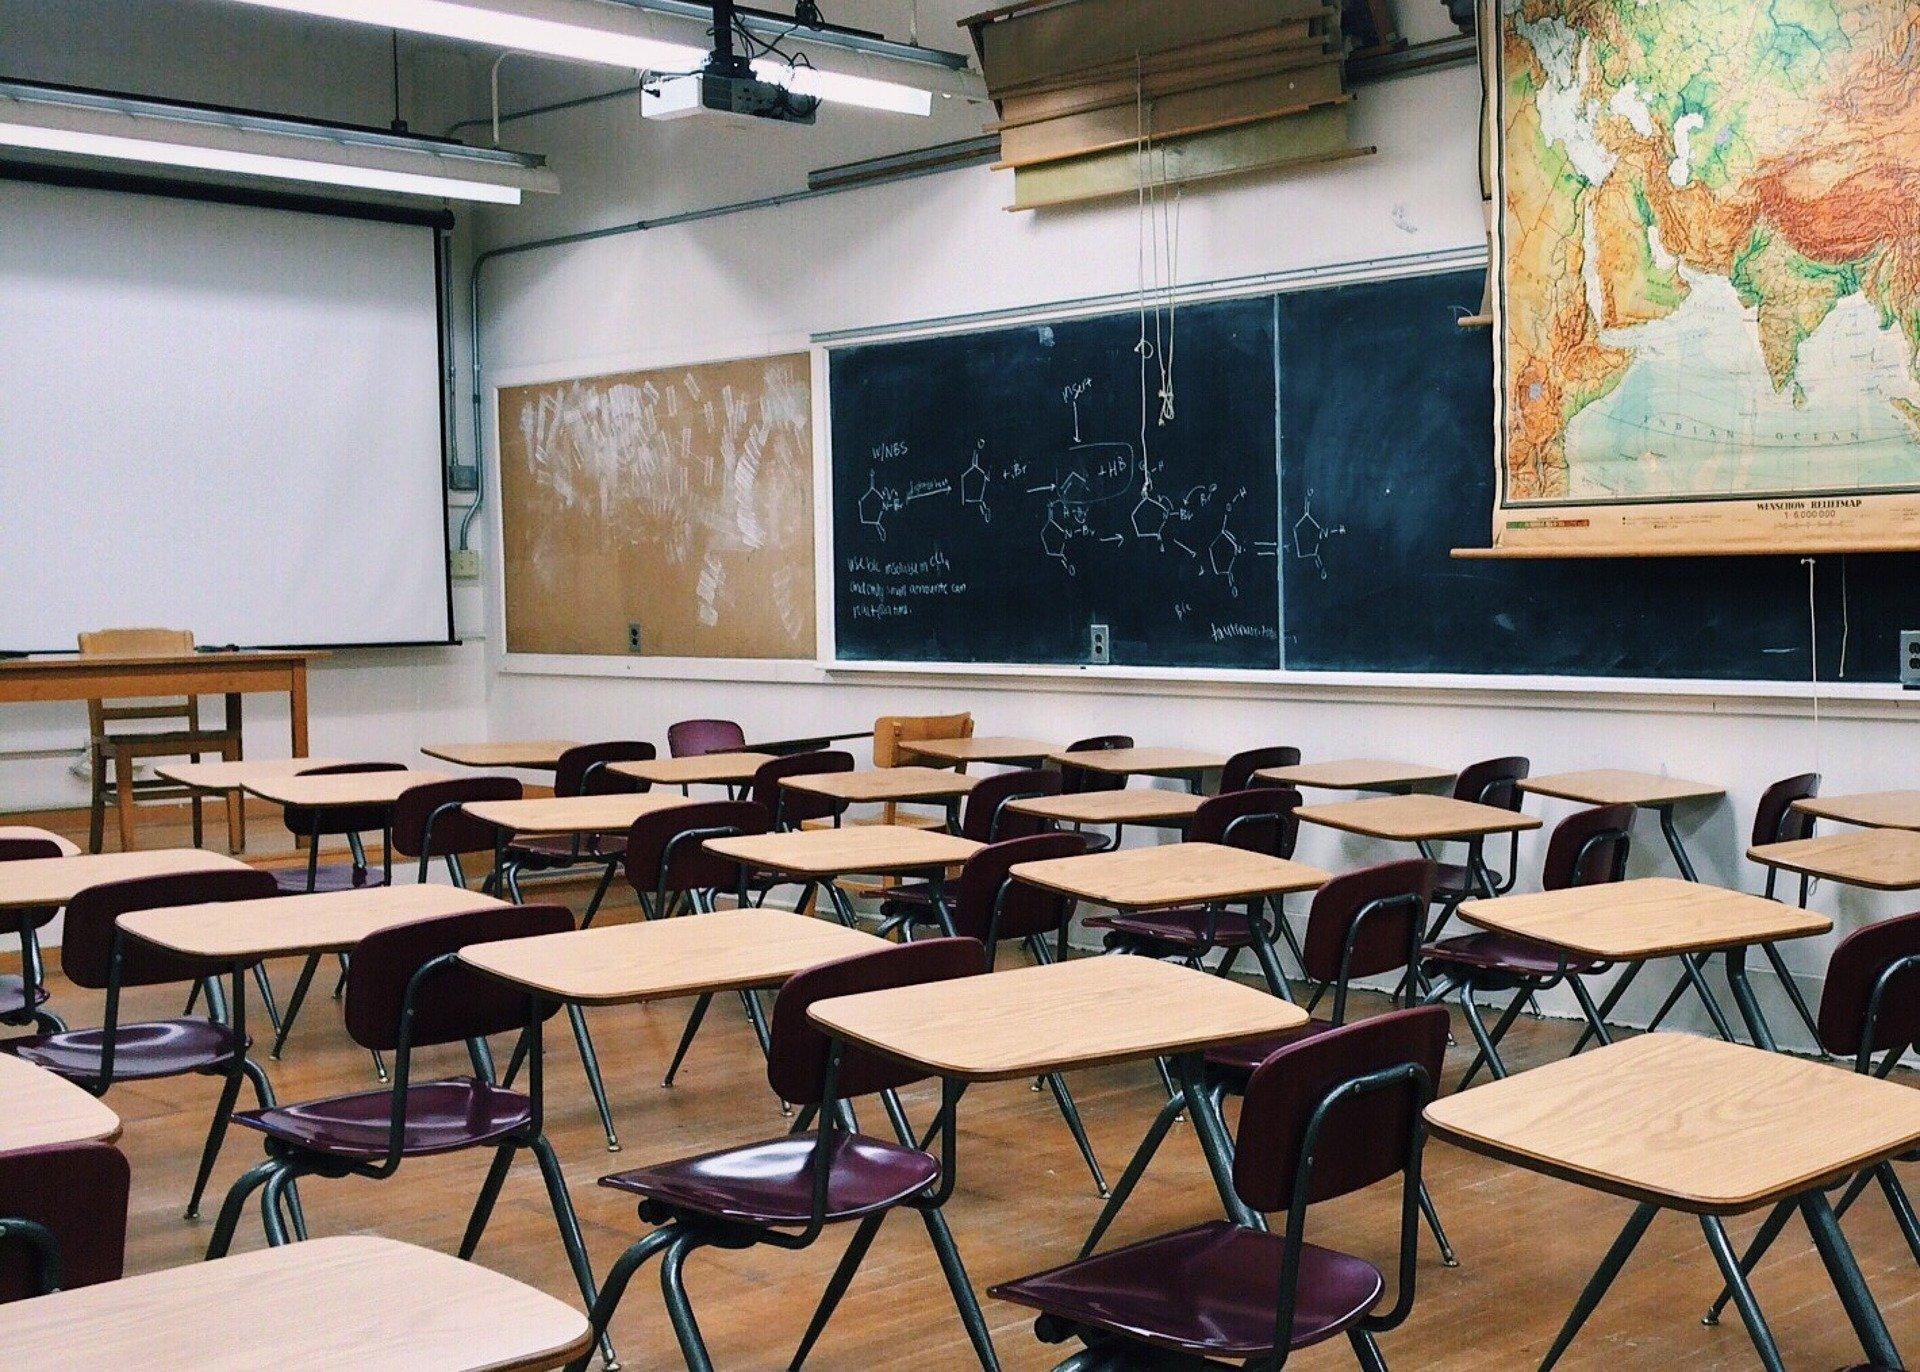 Digitale Schule wegen leeren Klassenzimmern